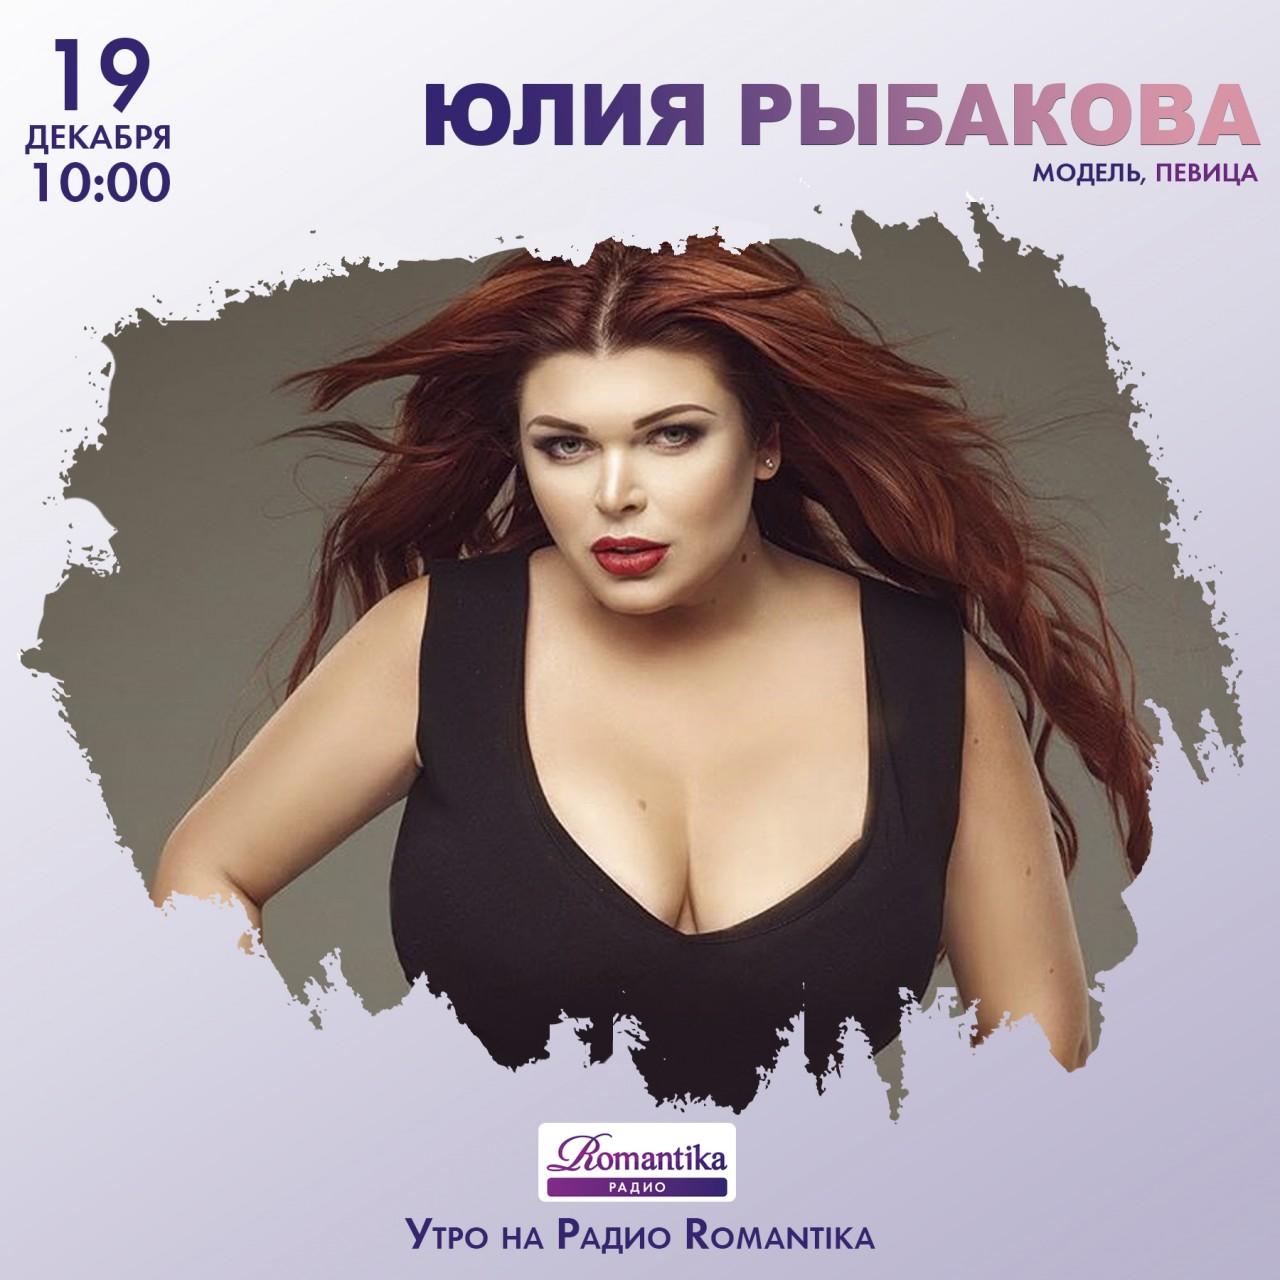 Радио Romantika: 19 декабря – модель и певица Юлия Рыбакова